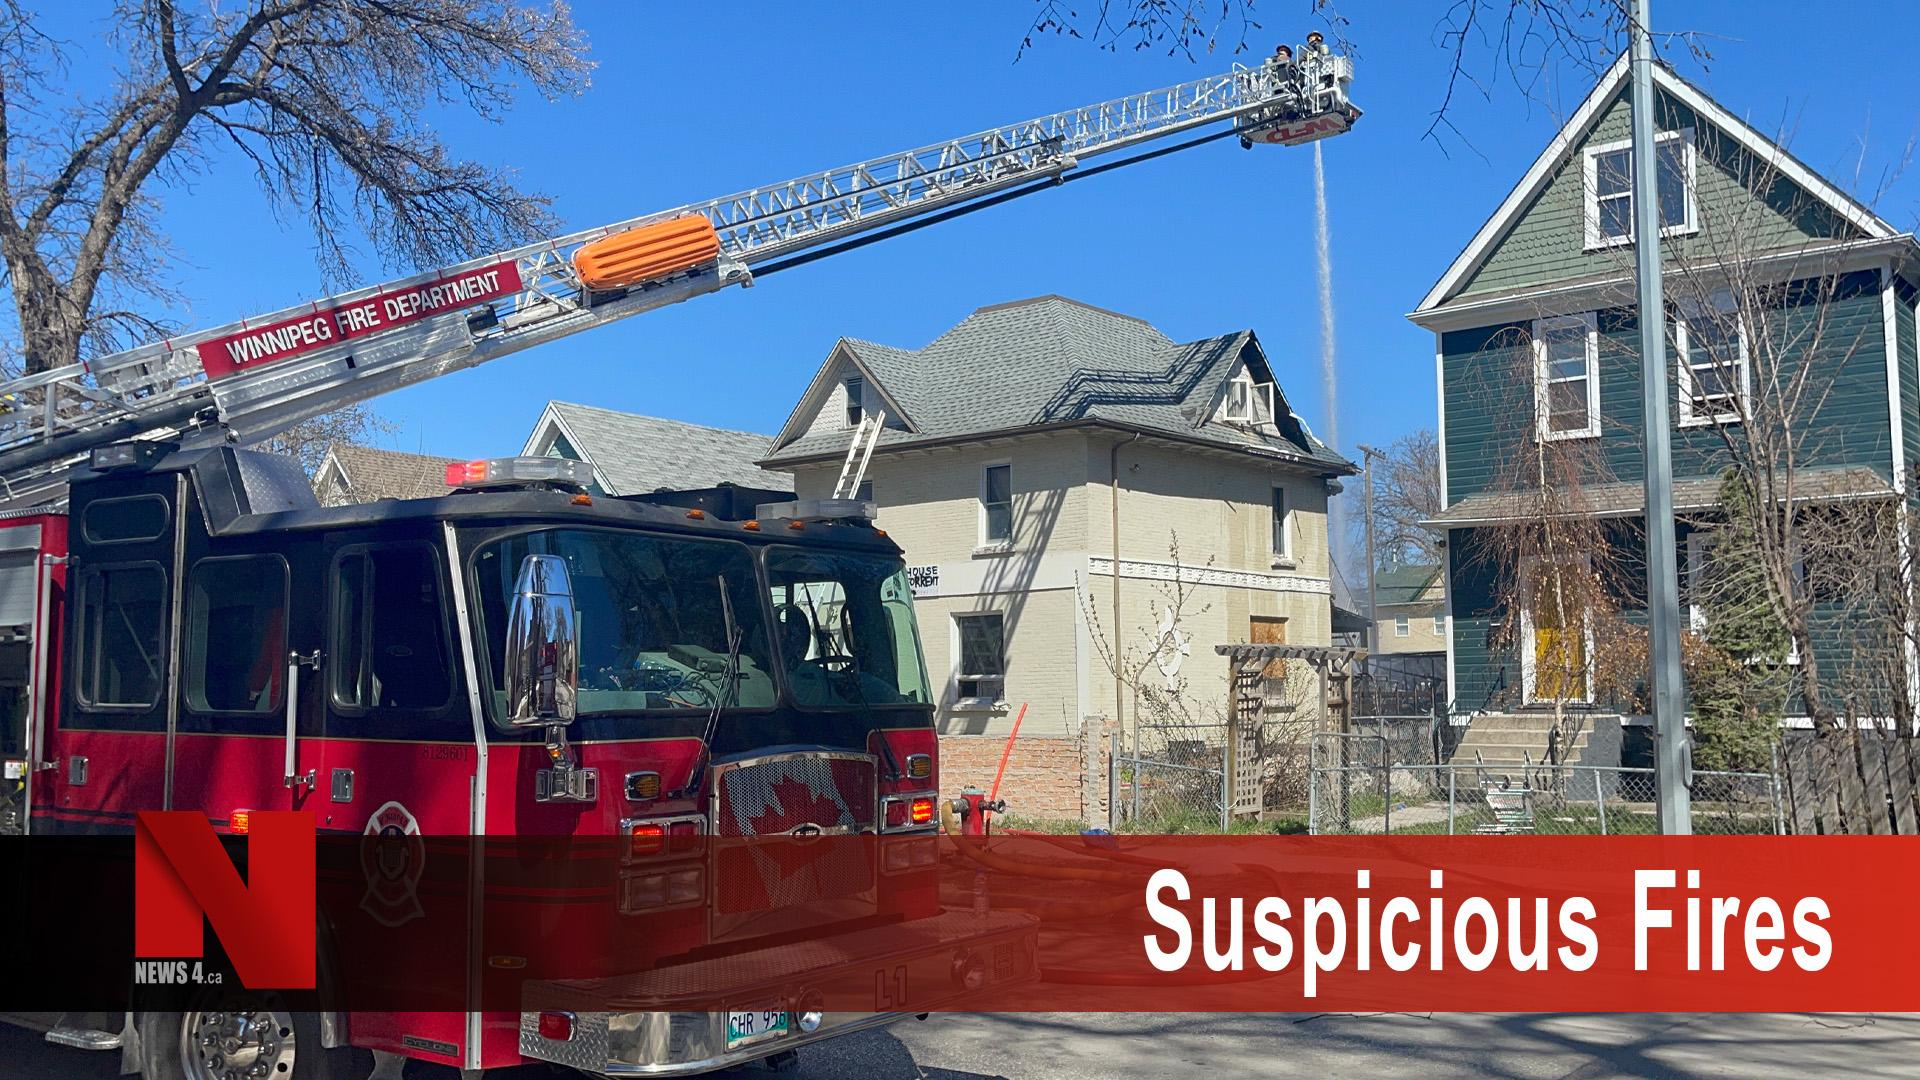 Suspicious Fires